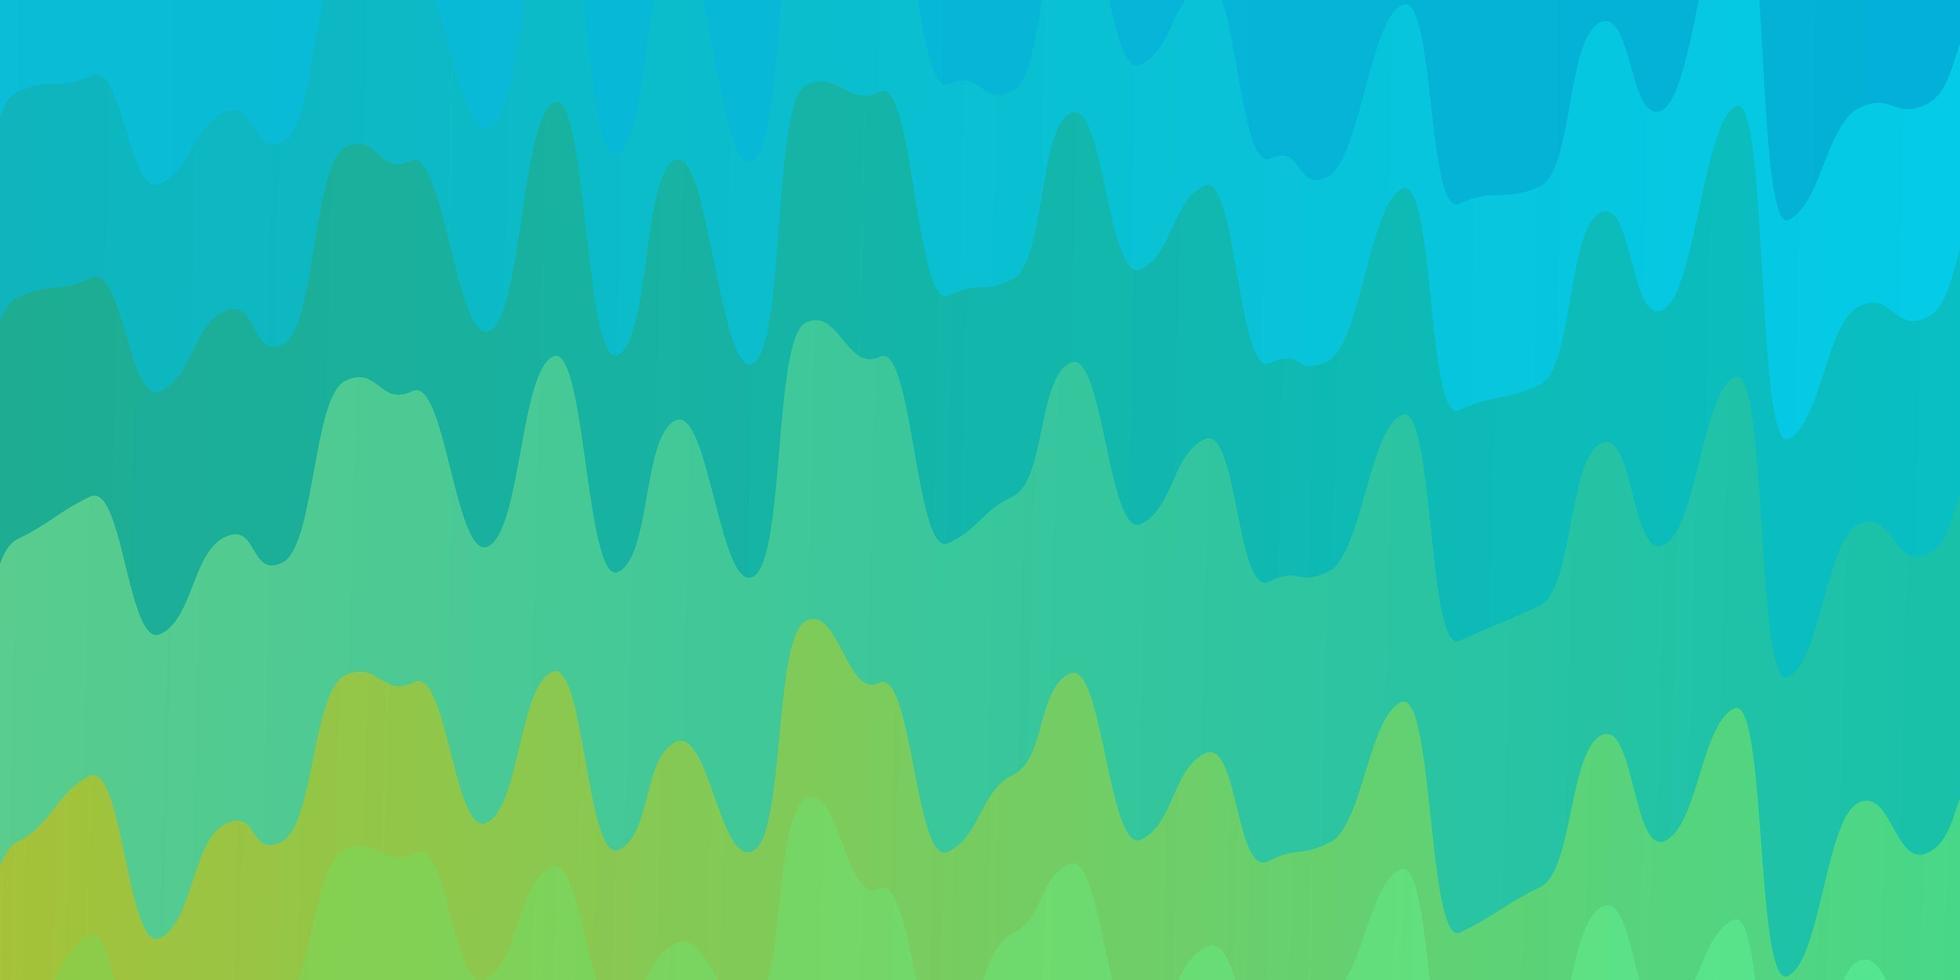 lichtblauwe, gele vectorachtergrond met gebogen lijnen. vector